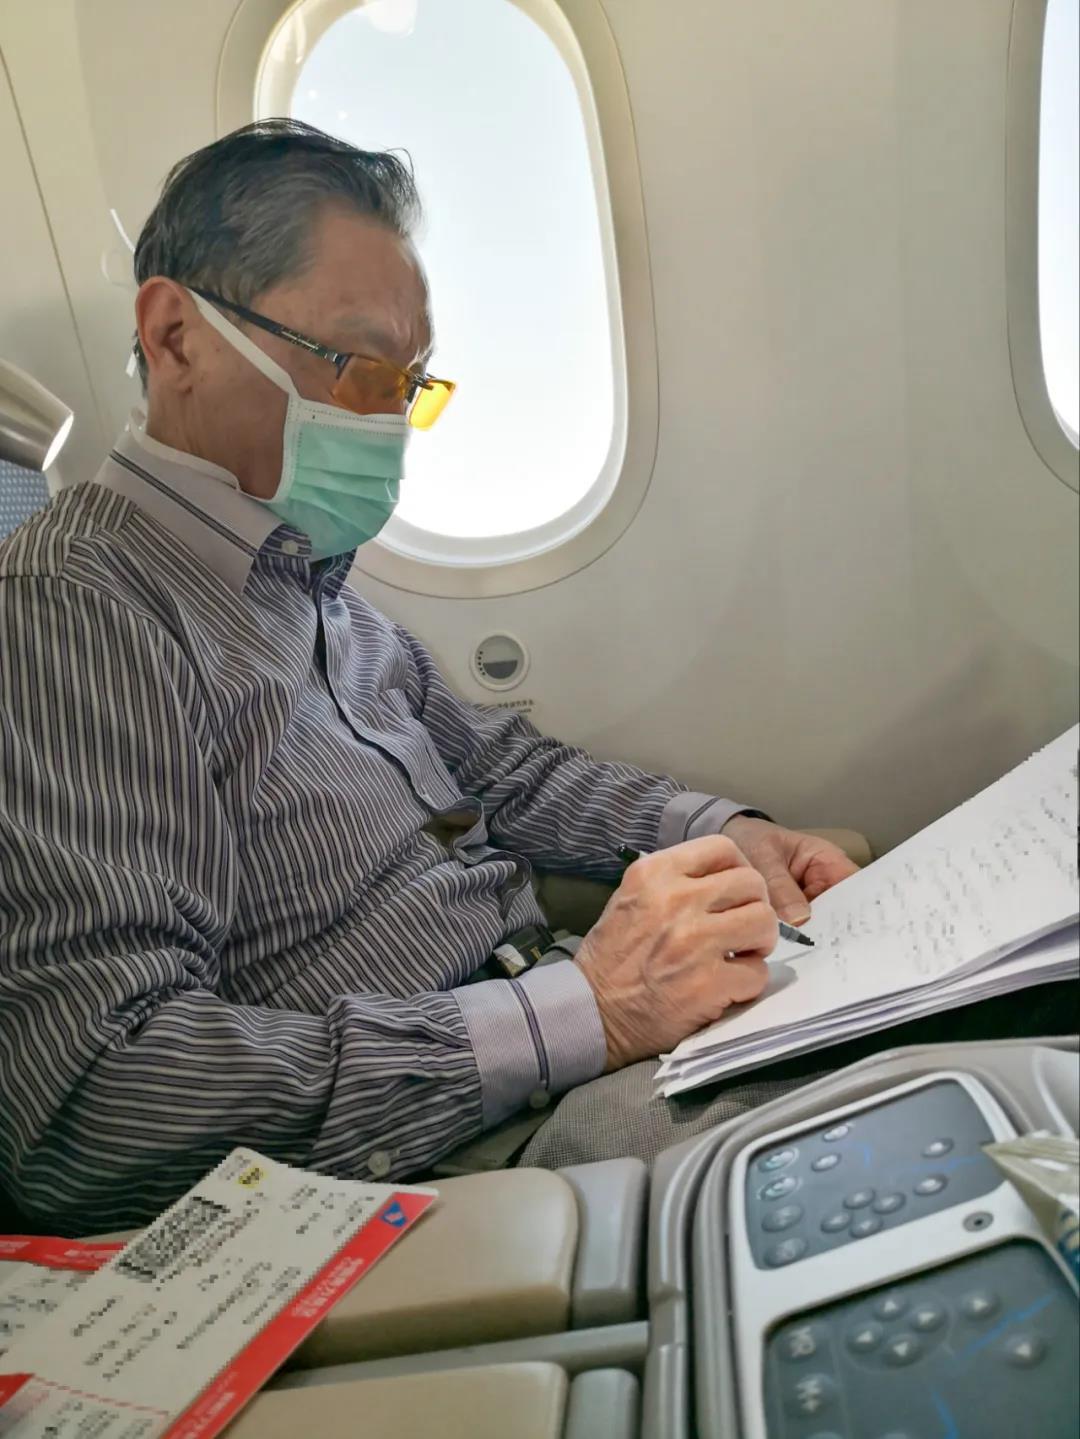 1月30日,钟南山院士在飞机上处理工作